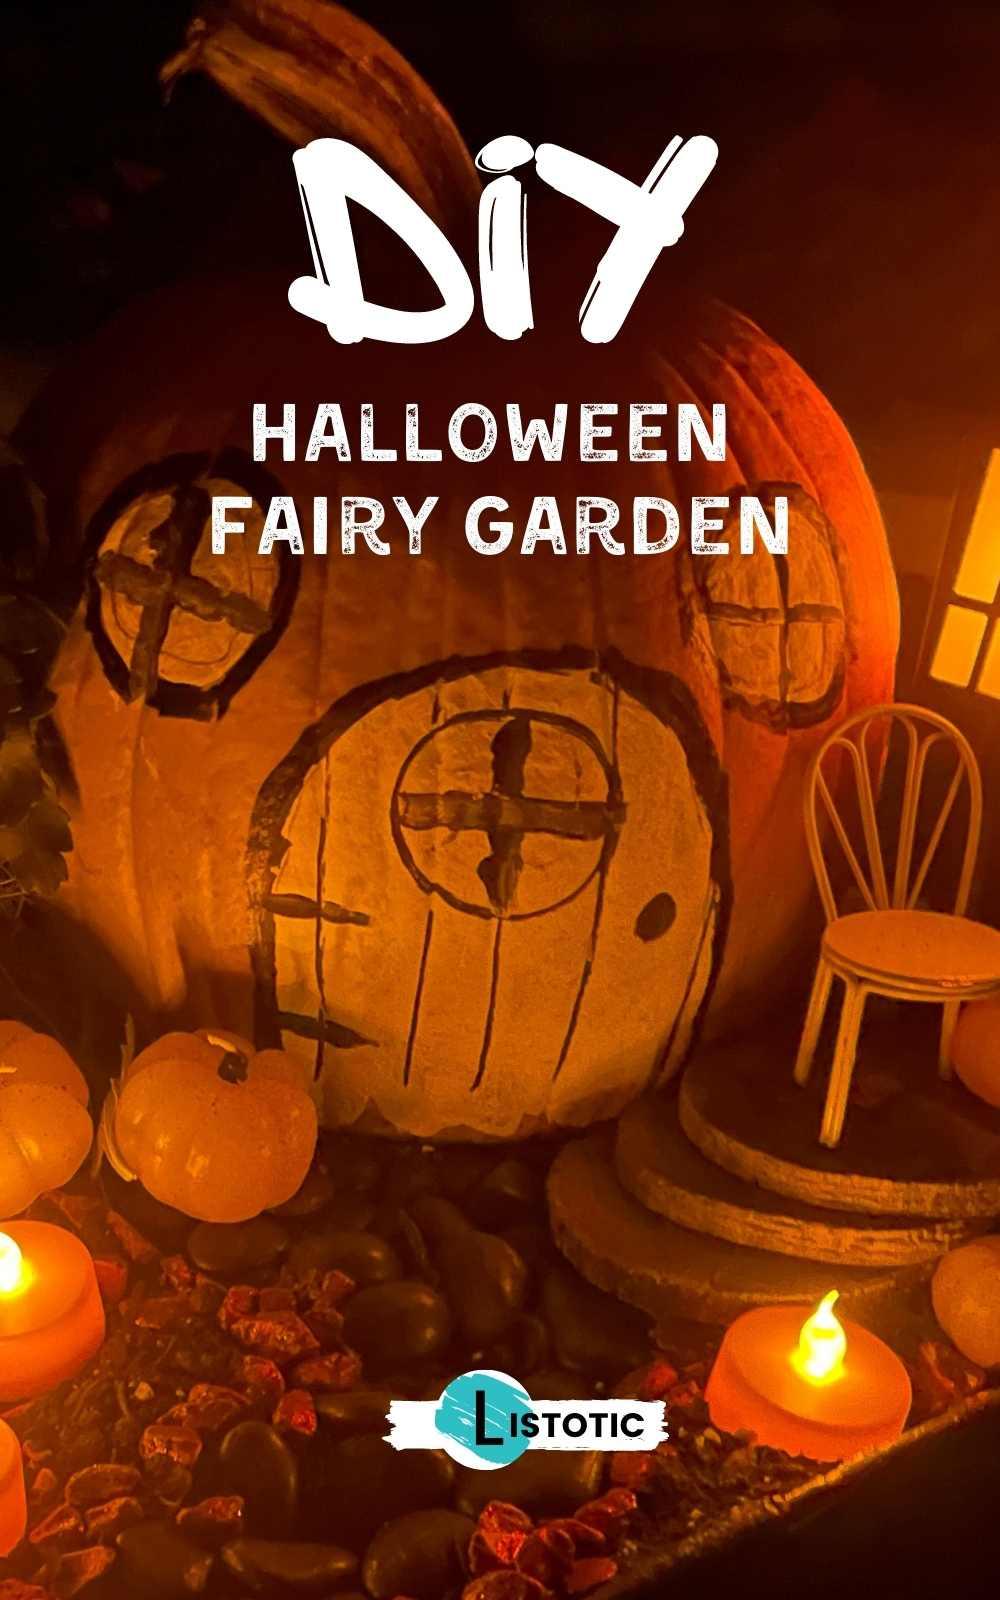 DIY Halloween Fairy Garden Glowing in the dark